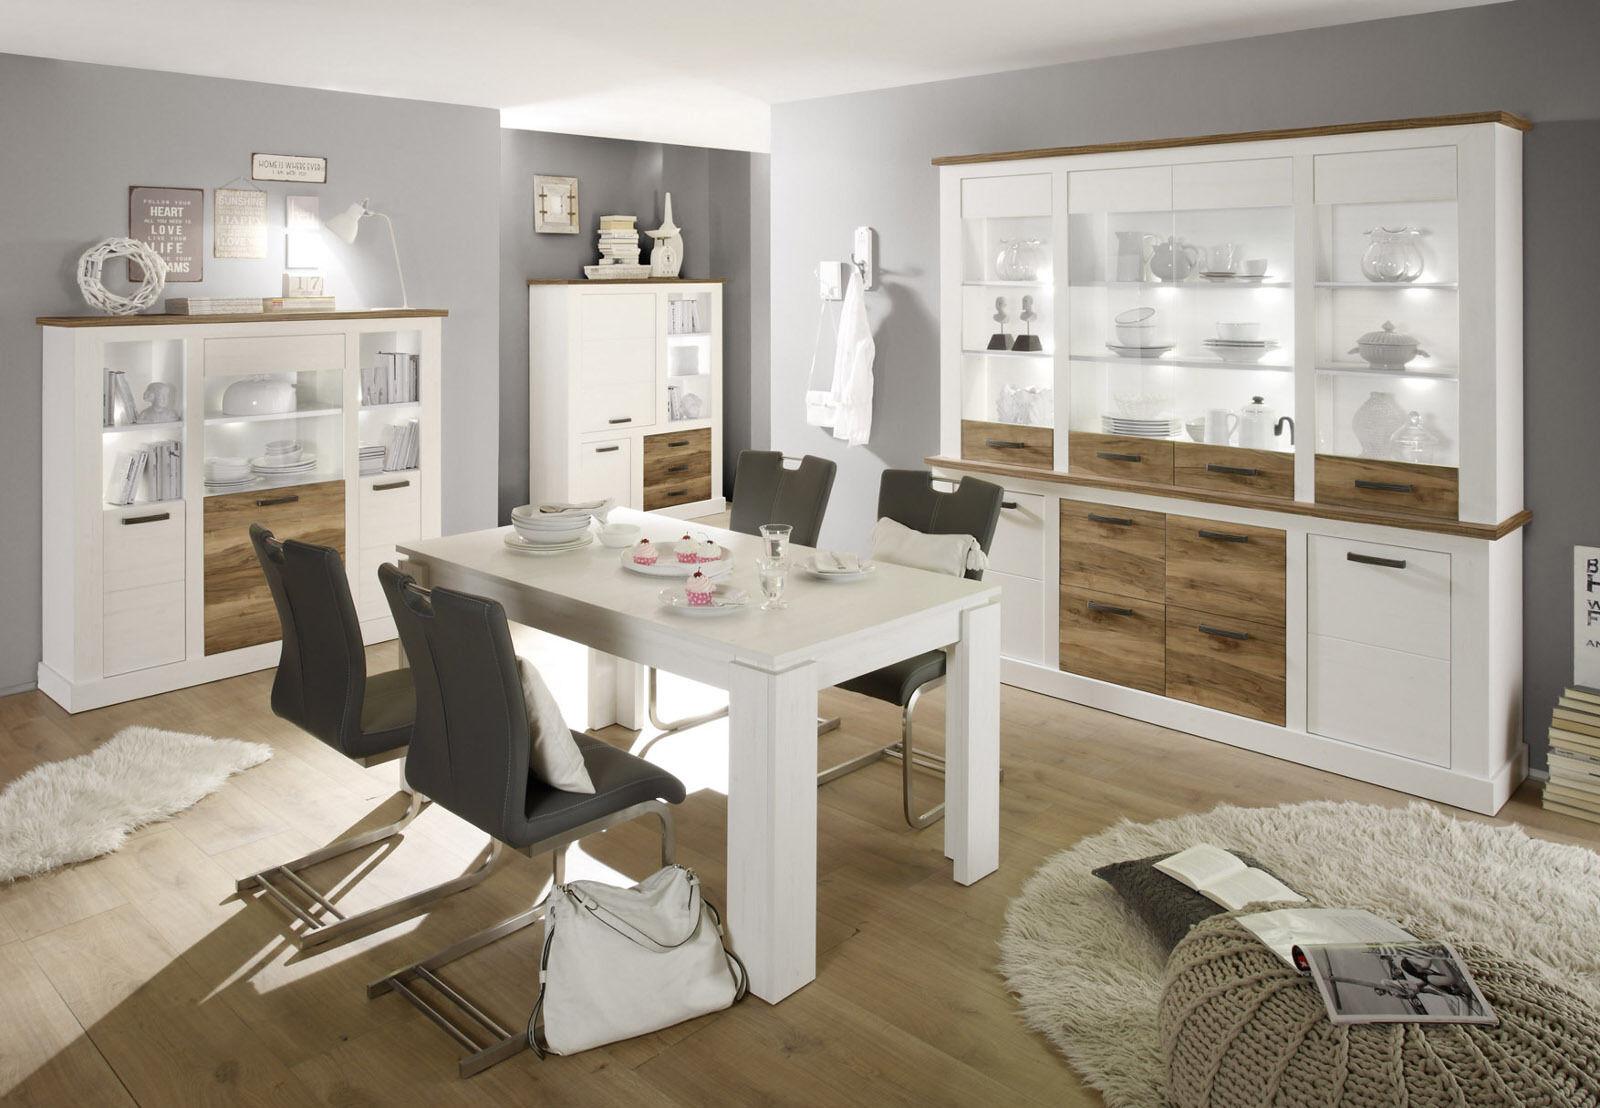 buffet schrank weiss pinie nussbaum anrichte landhaus. Black Bedroom Furniture Sets. Home Design Ideas